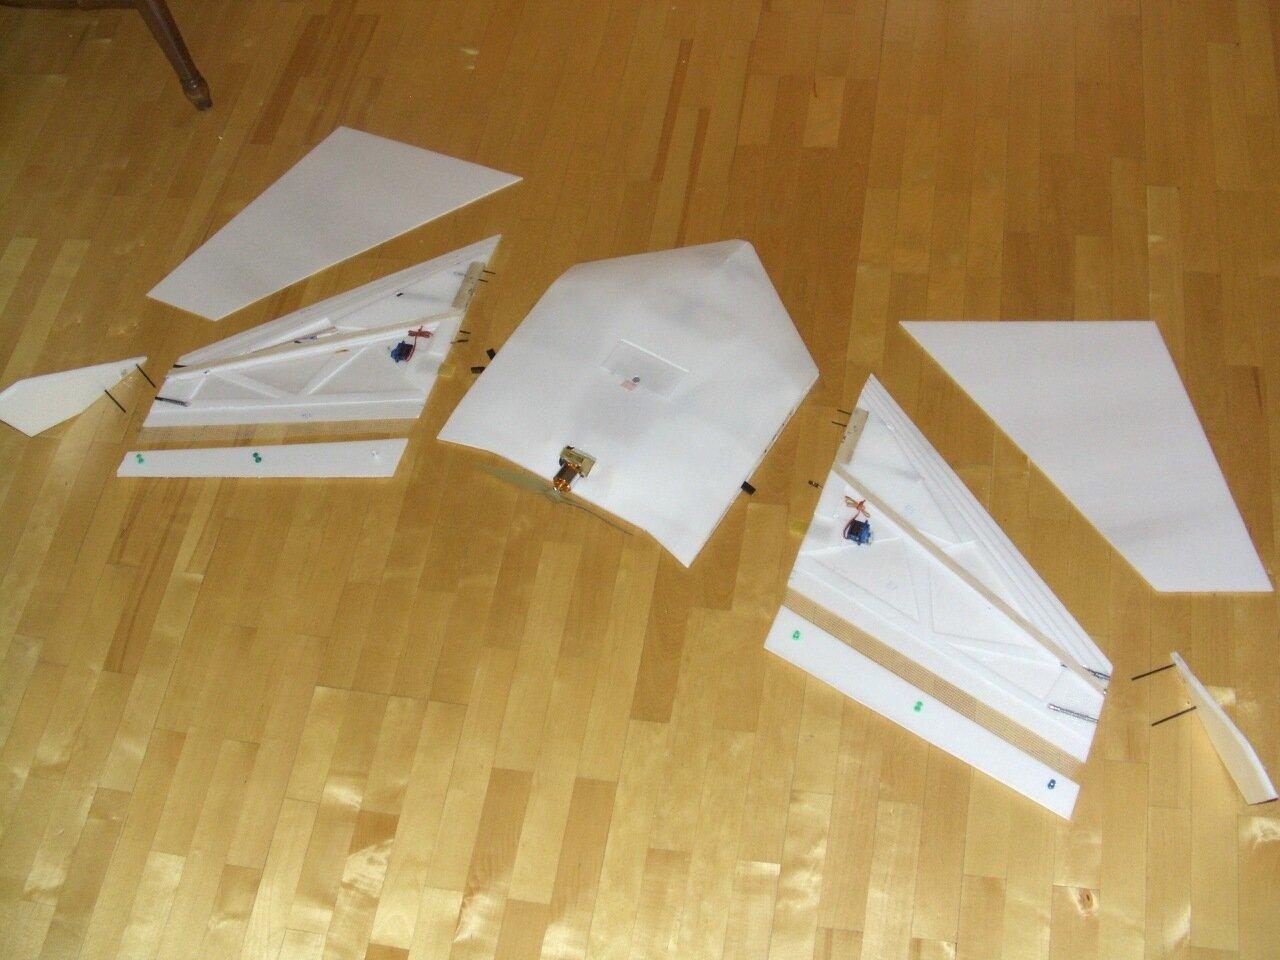 Летающее крыло (бесхвостка) из бумаги Всё самое интересное! 91